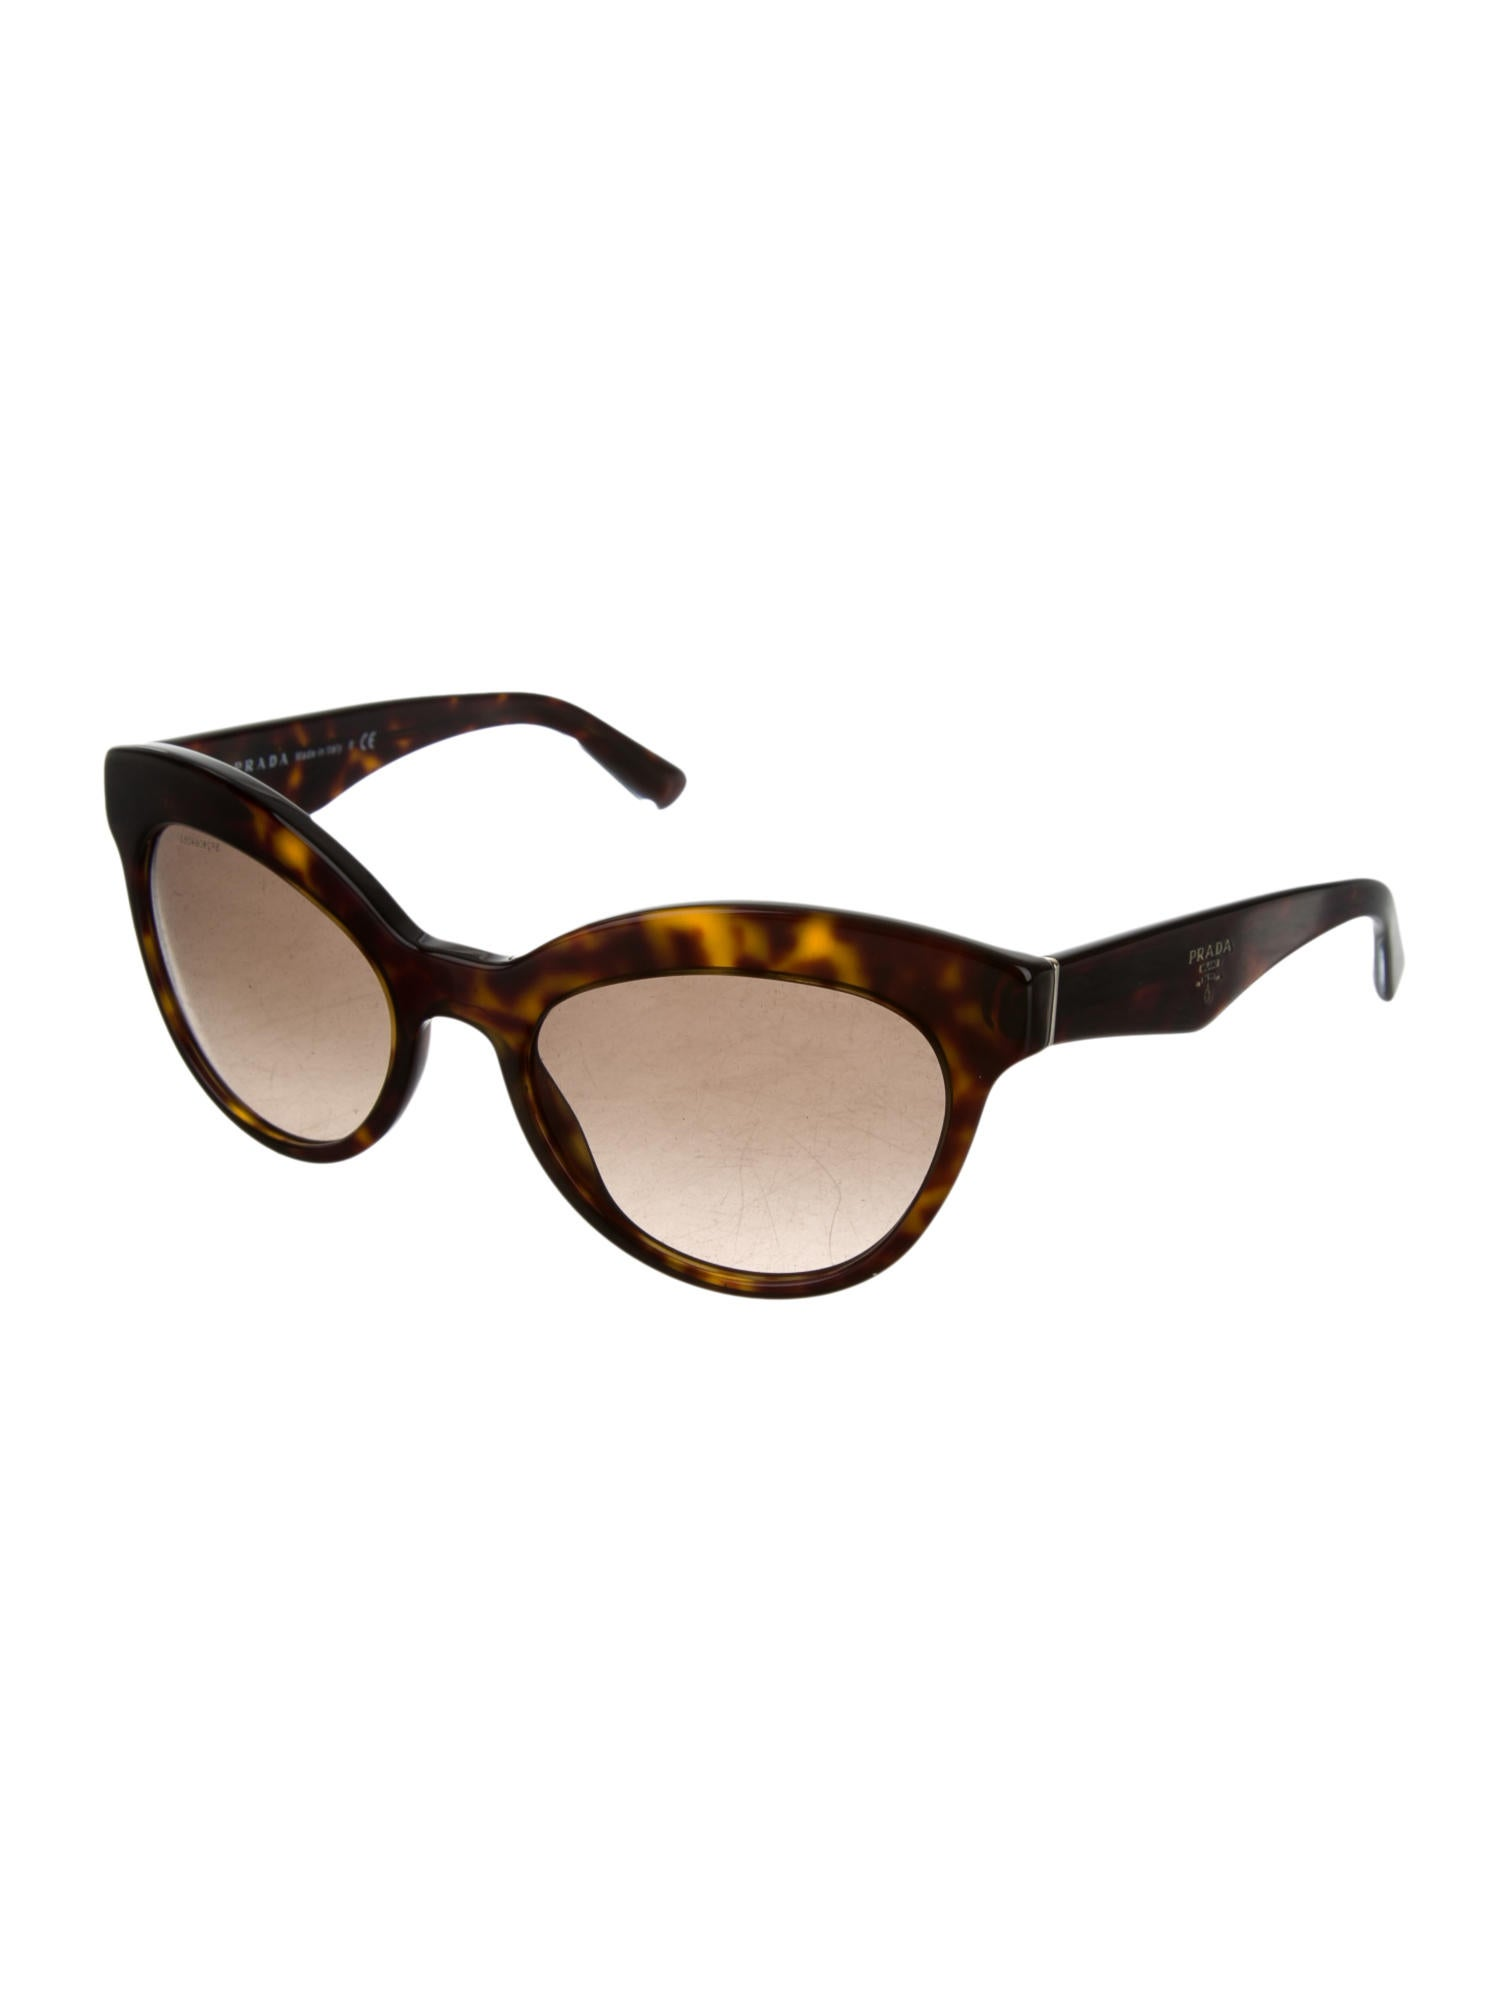 1b7a768038a Prada Sunglasses - Accessories - PRA60492